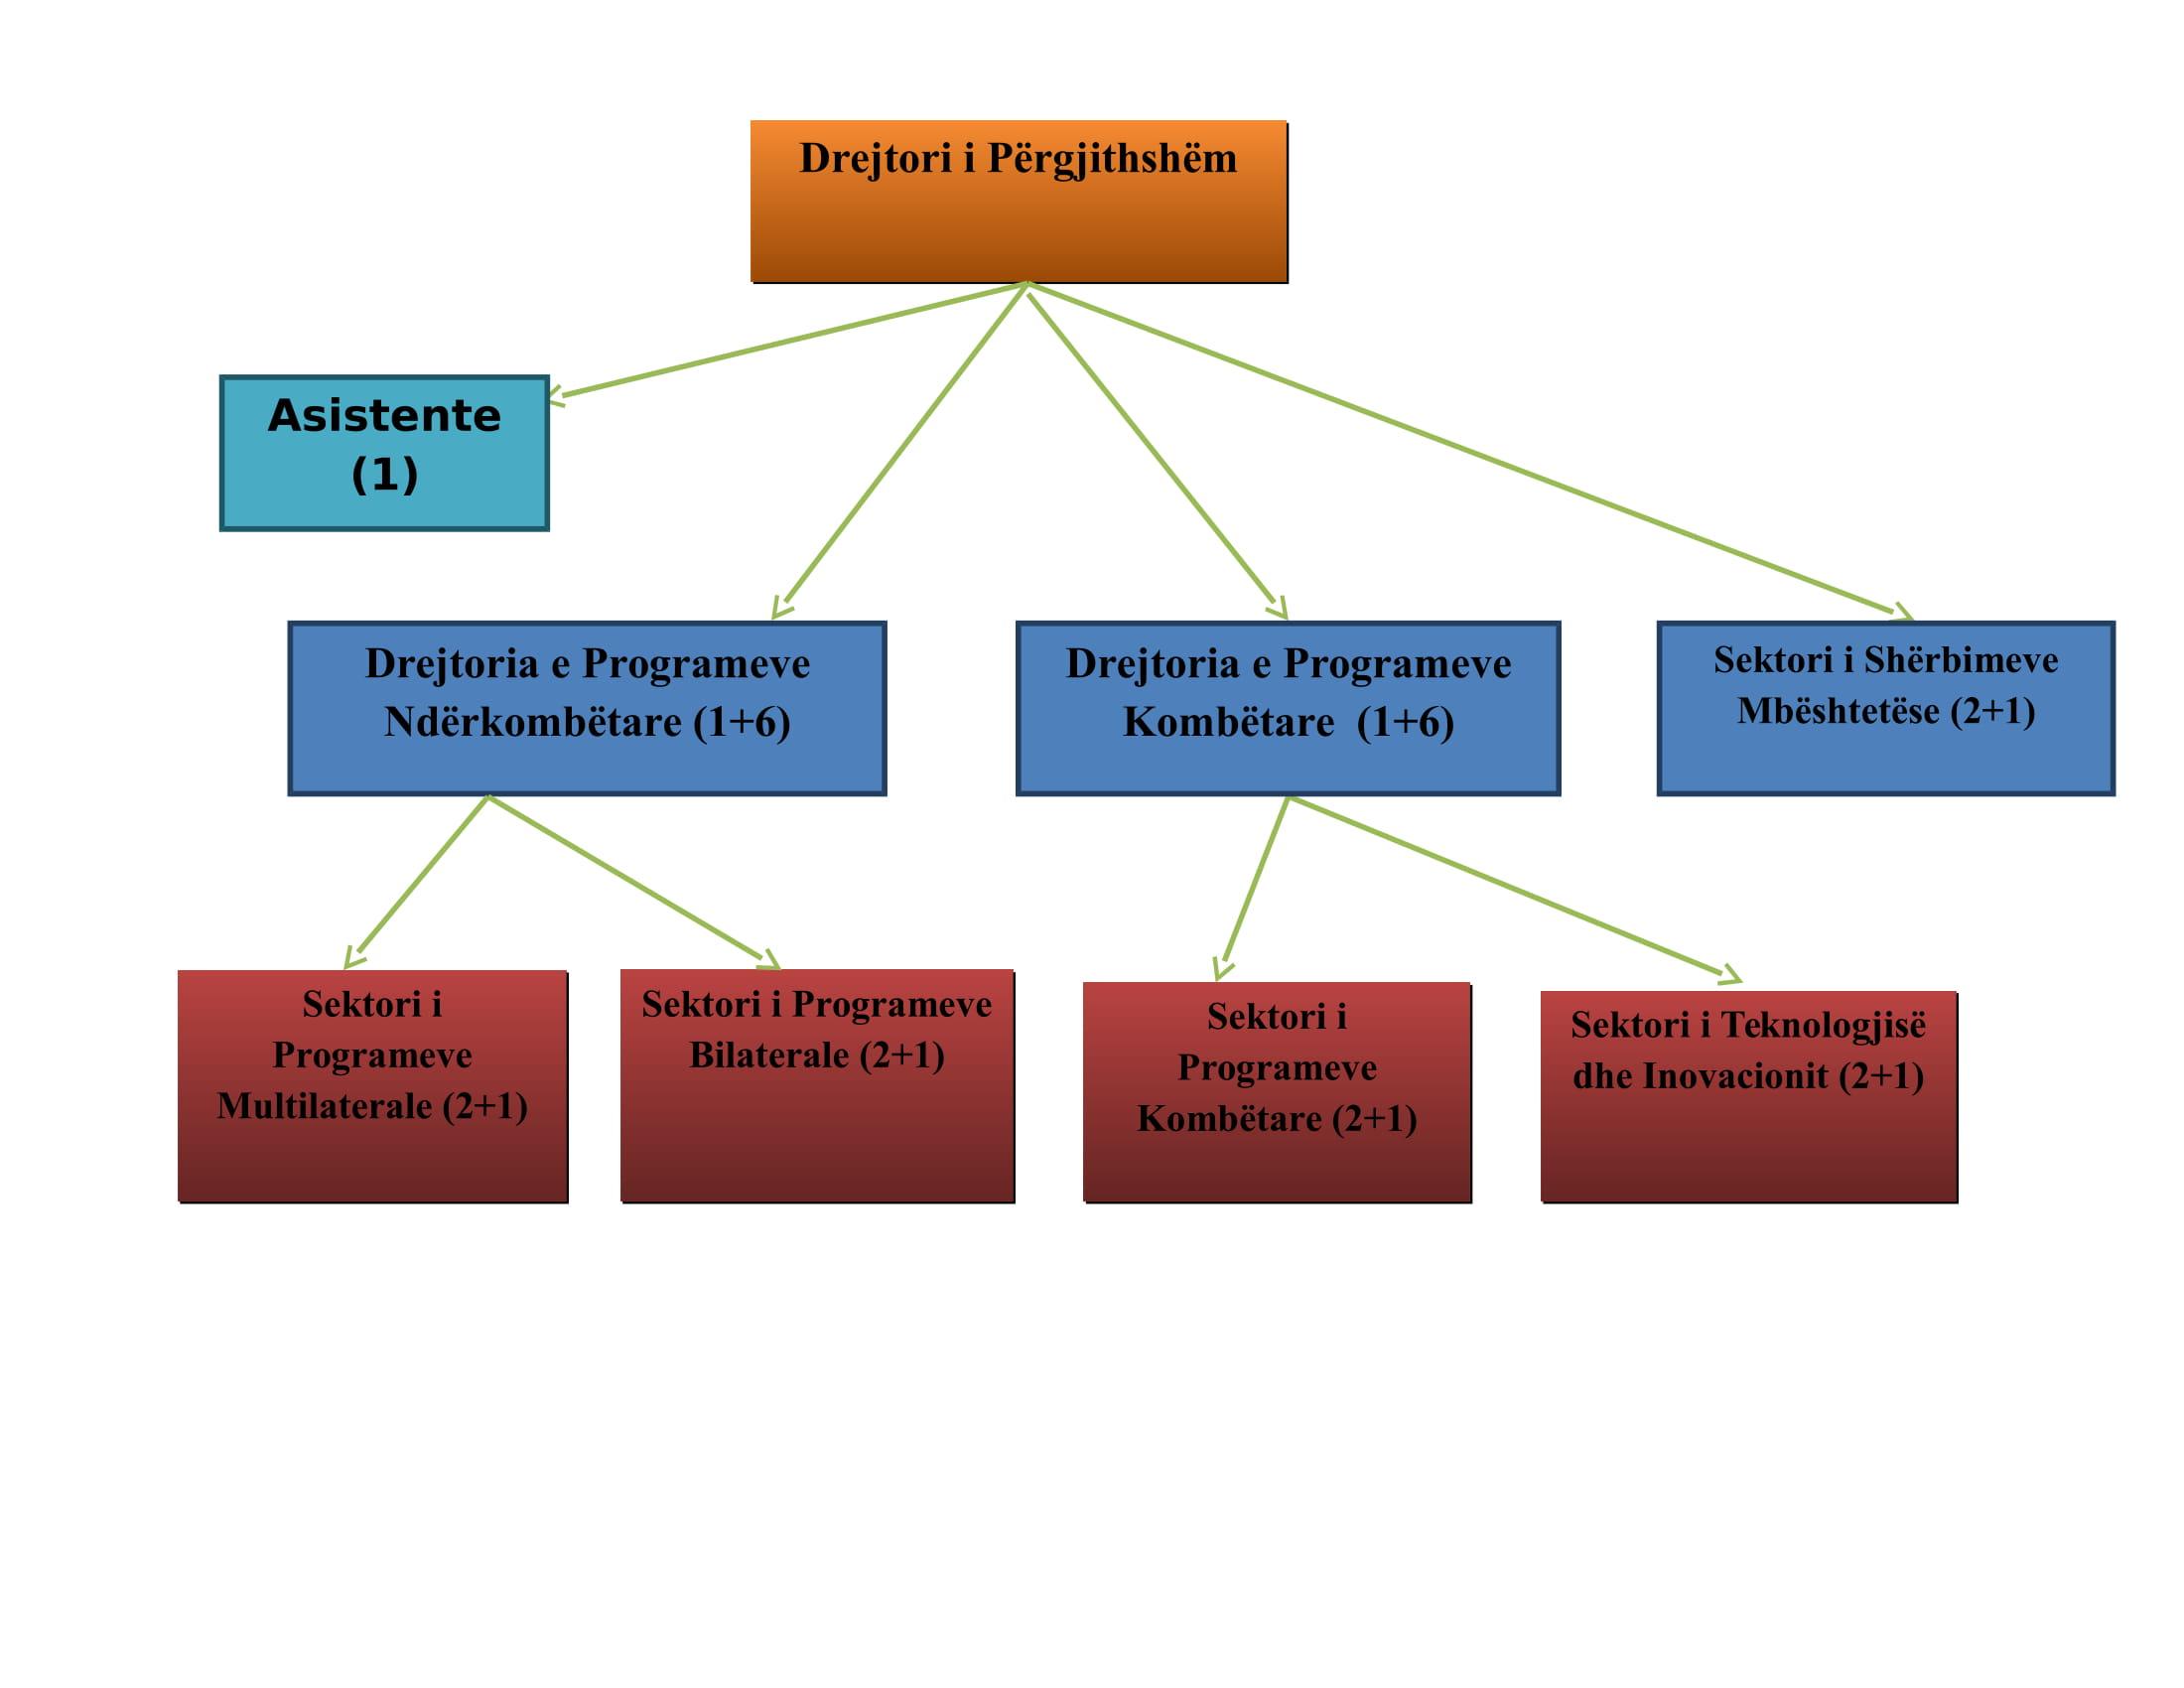 StrukturaAKKSHI.Image-1